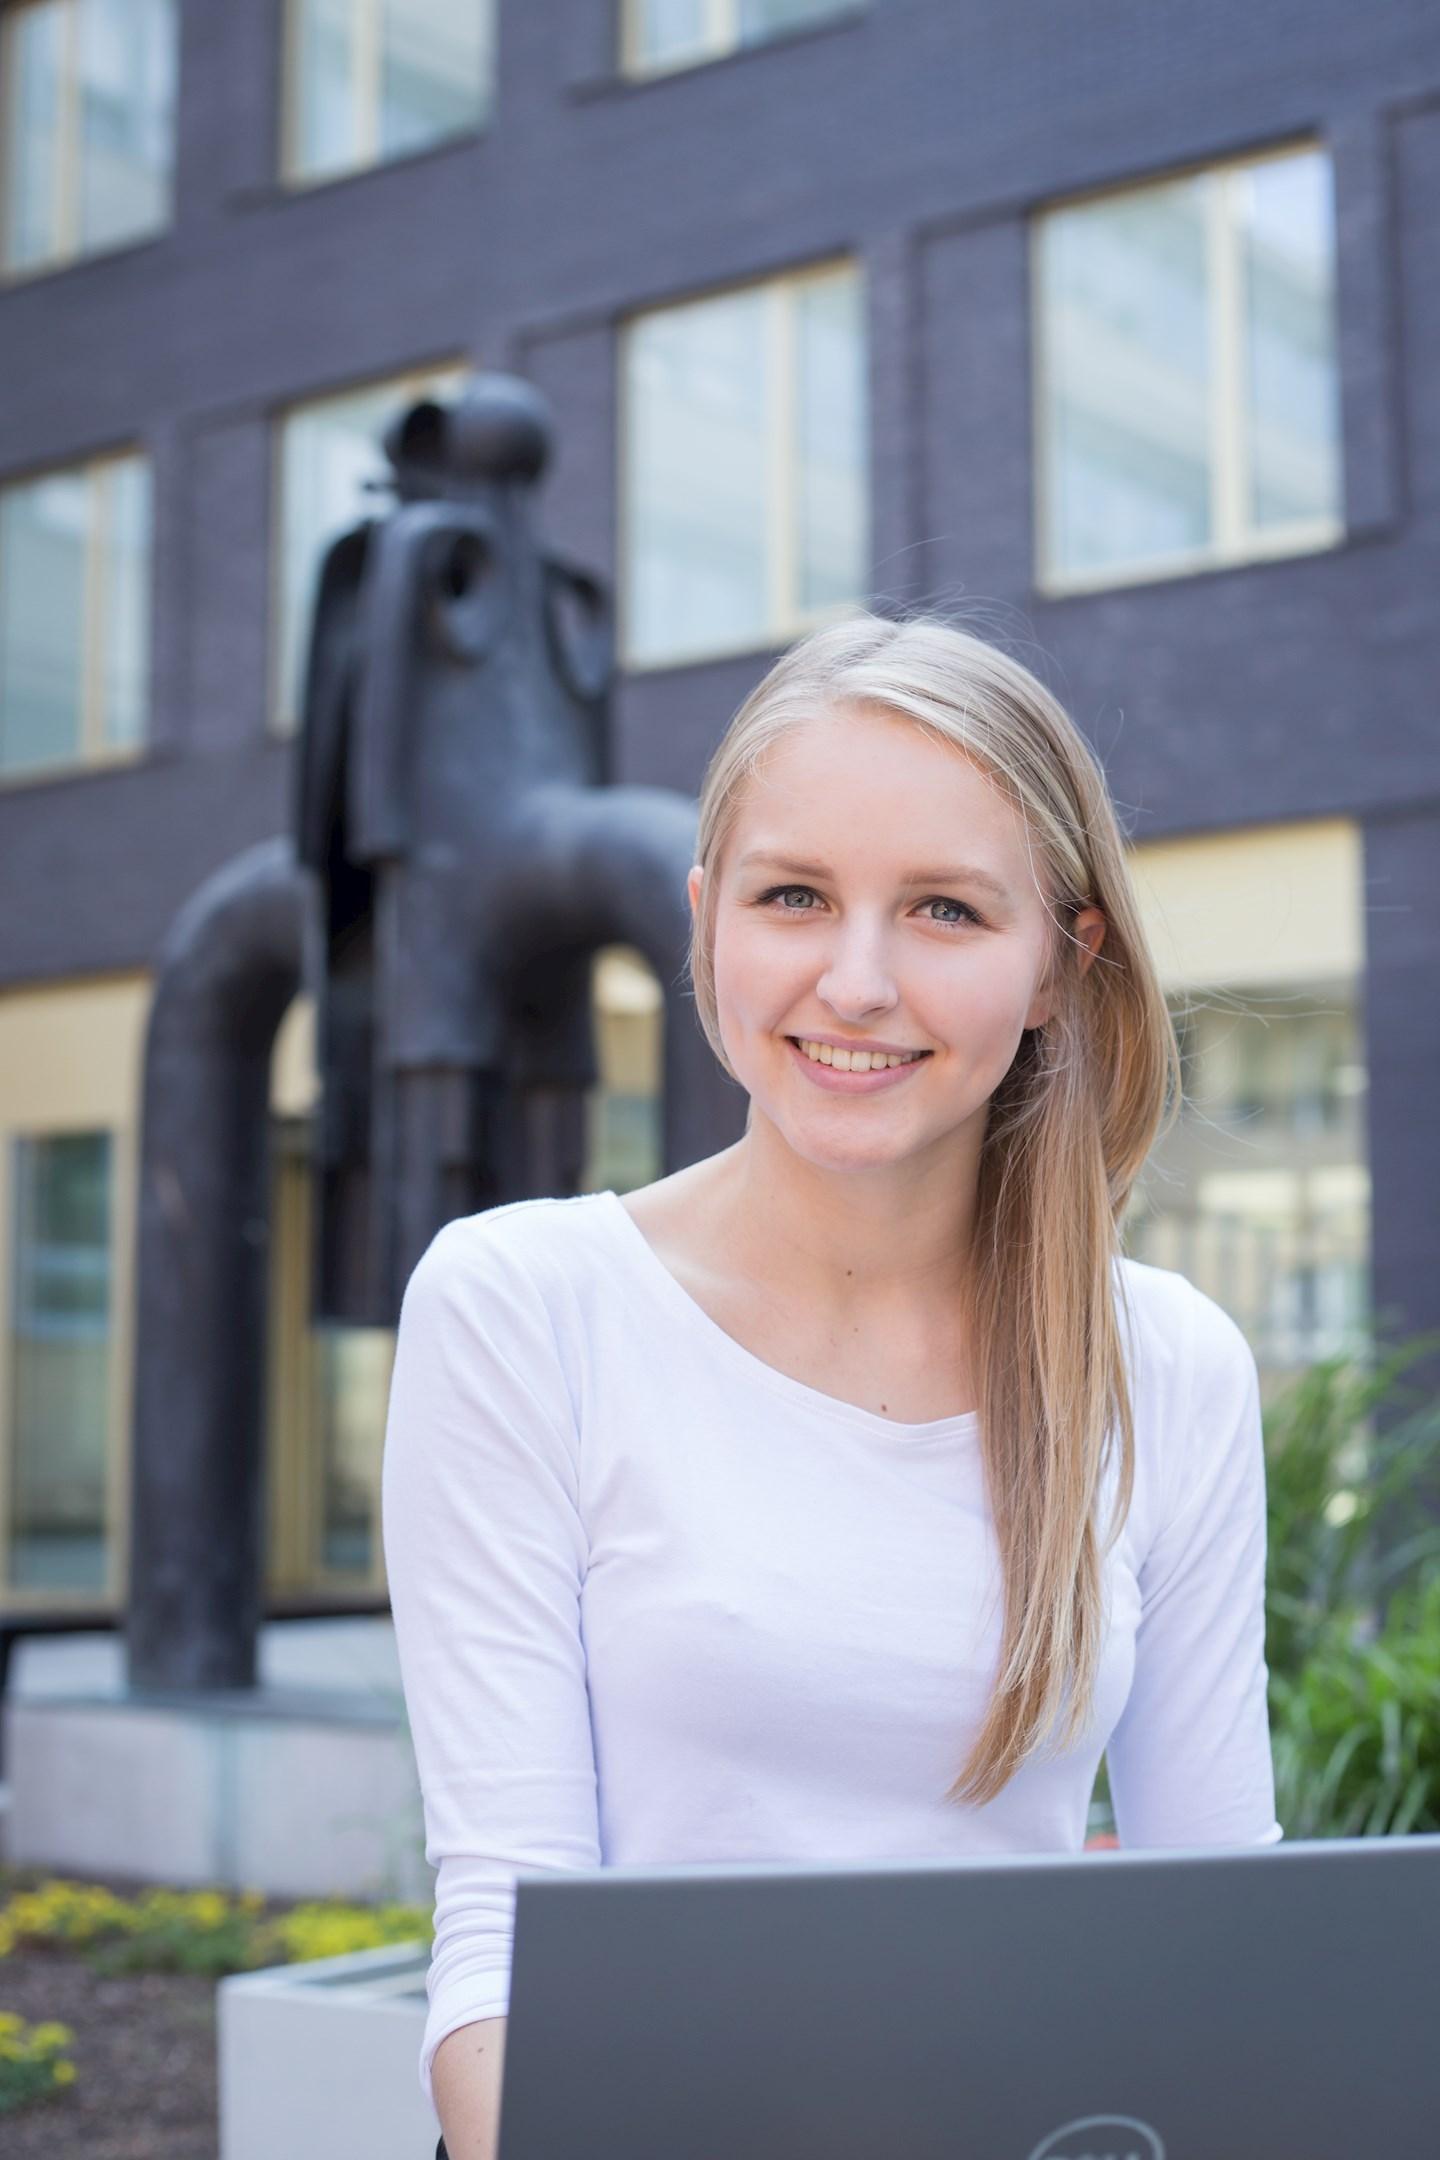 Markéta Kučerová, studentka aplikované informatiky z Uherského Hradiště